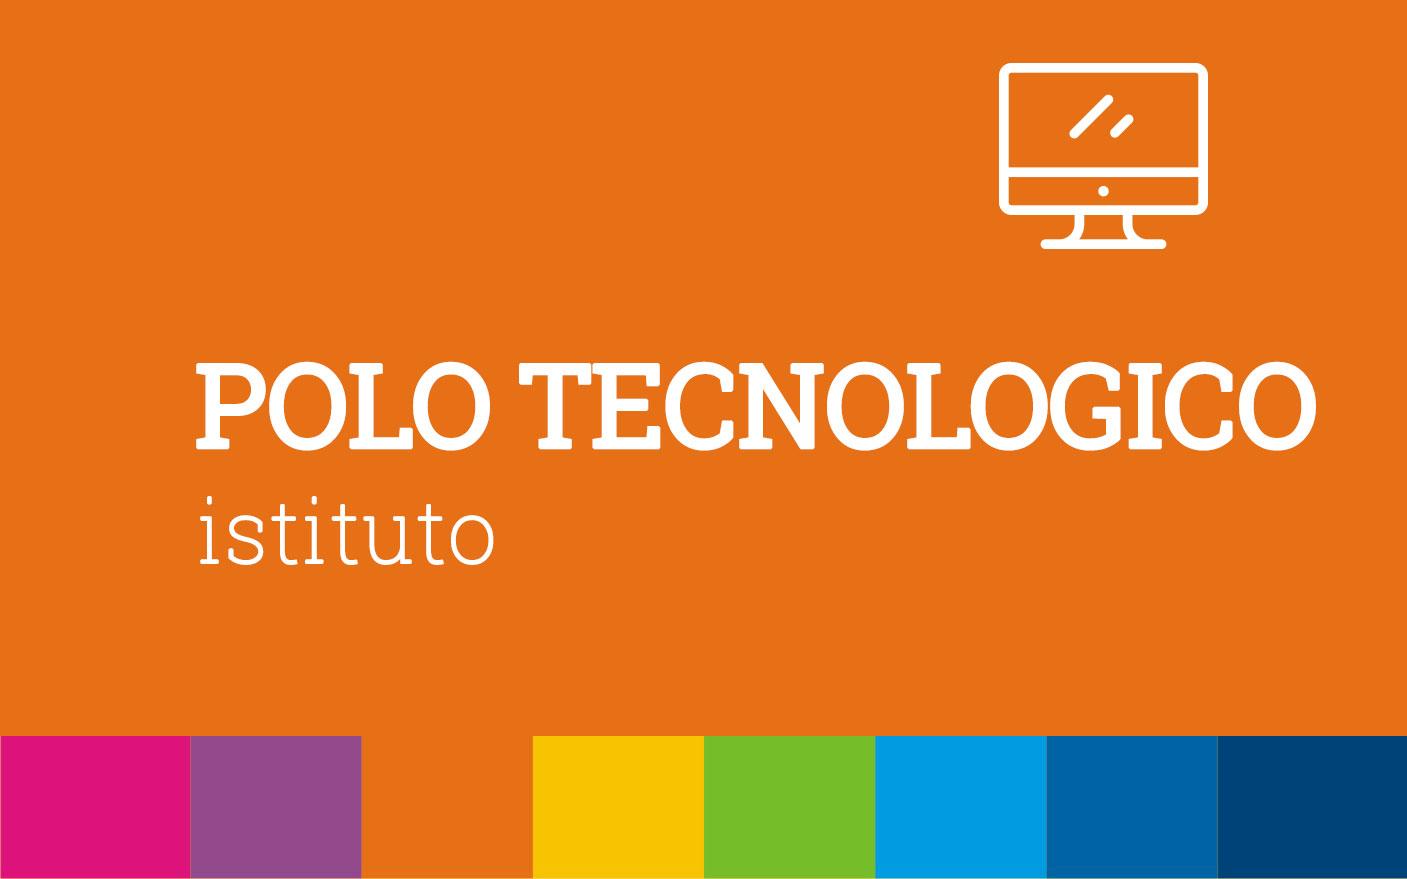 Polo Tecnologico Istituto